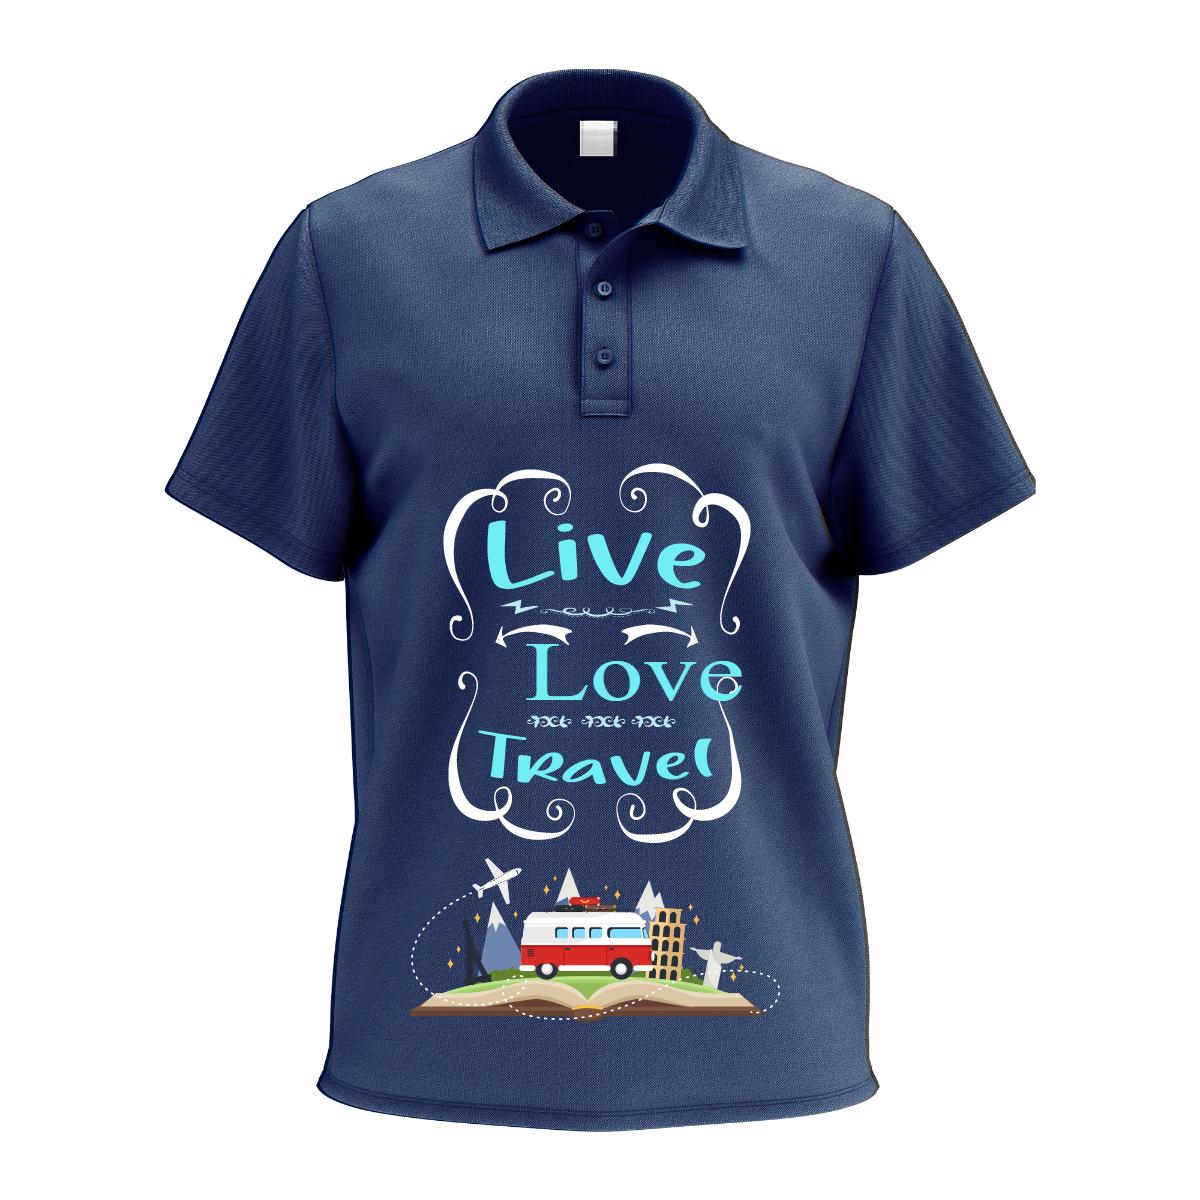 Live.Love.Travel Tshirt